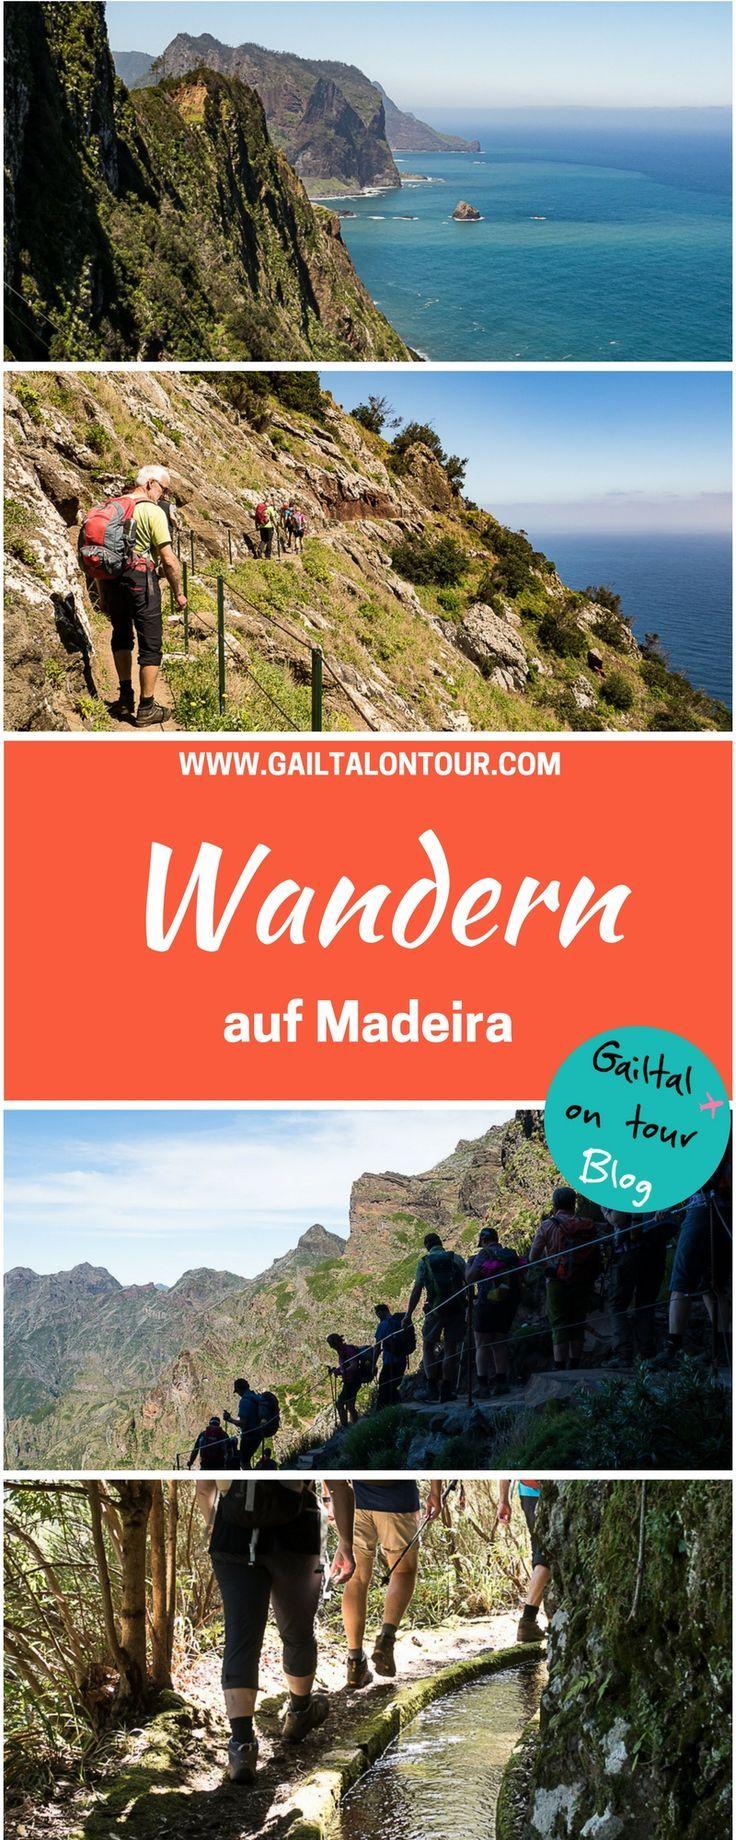 Reisekosten für eine organisierte Wanderreise nach Madeira. Kostenaufstellung für Hotel, Wanderprogramm mit Wanderführer und Flug